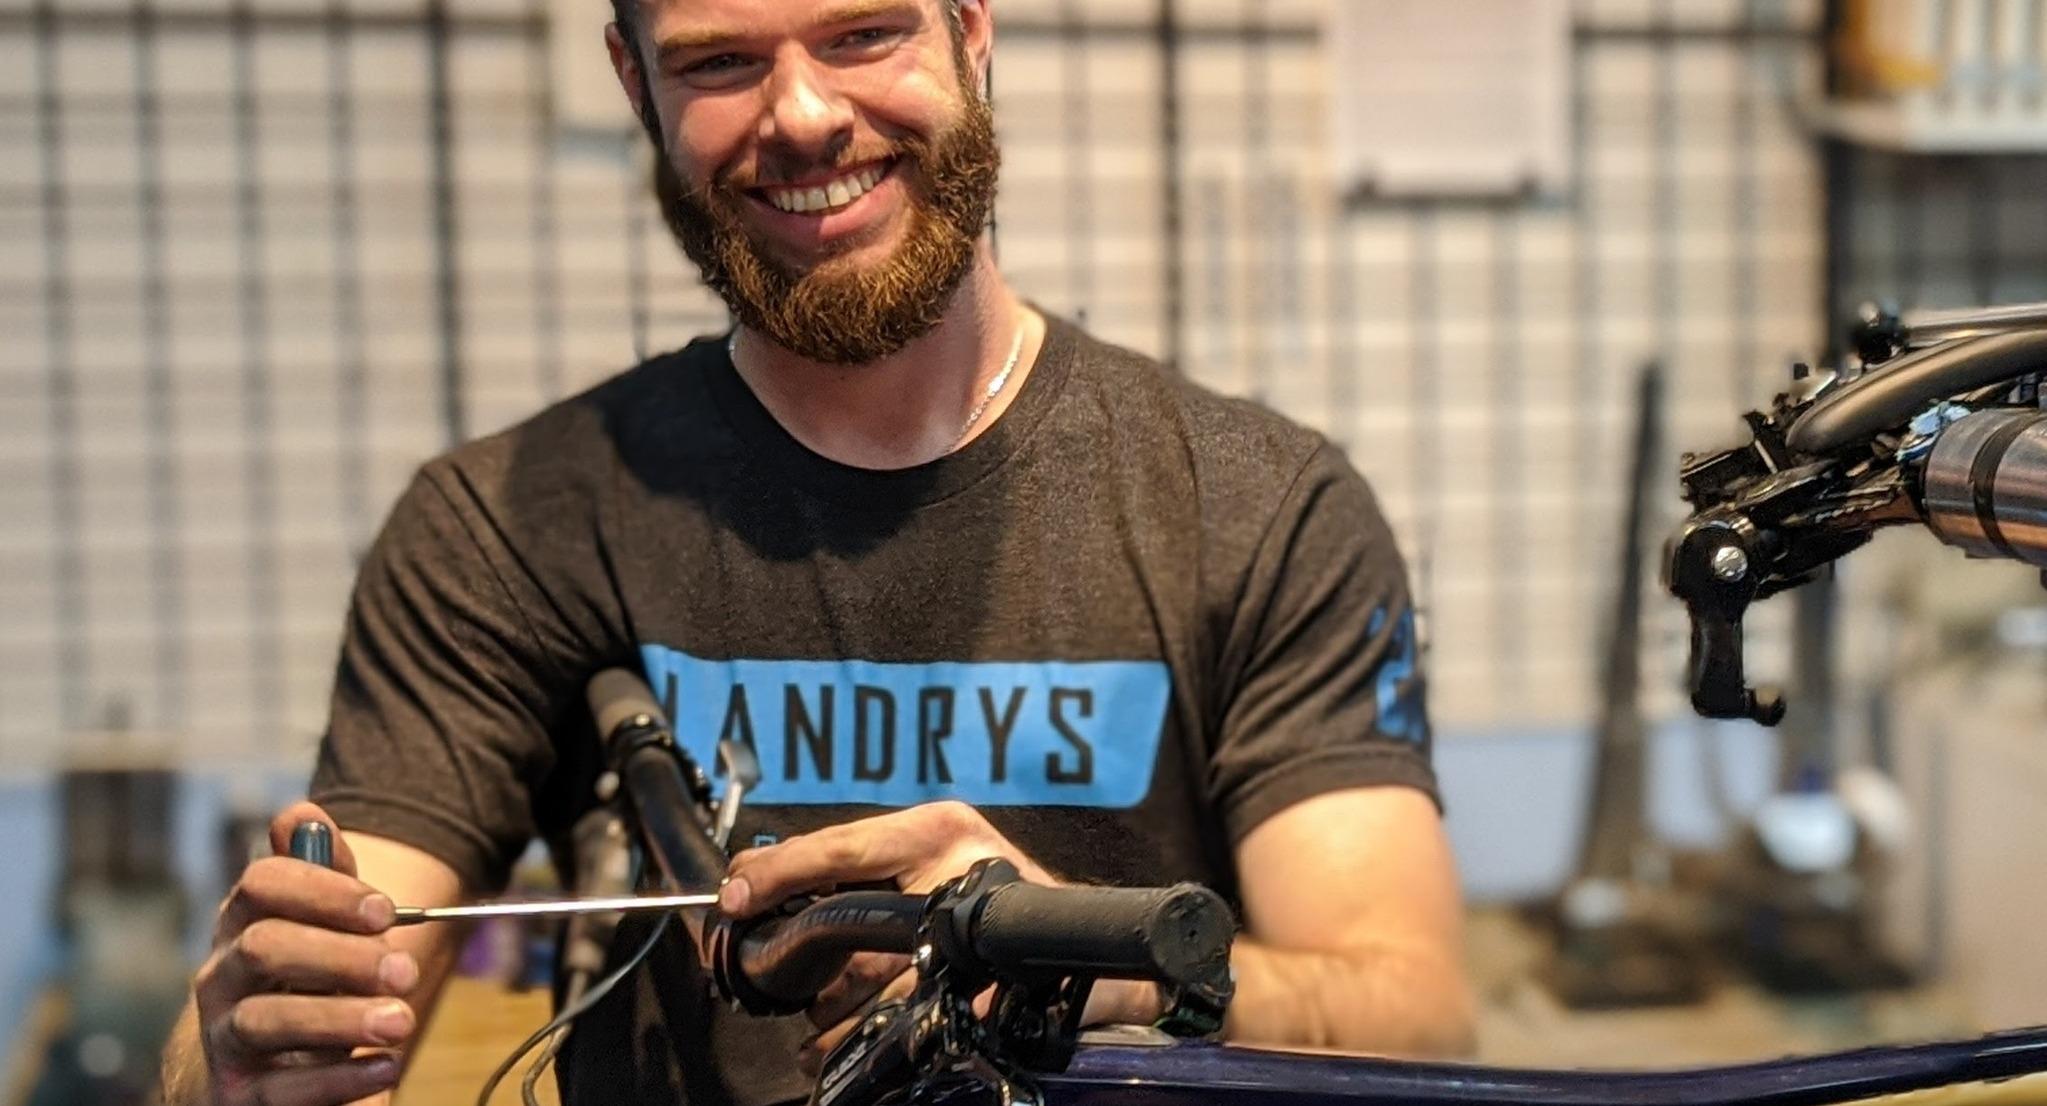 Bike Repairs at Landry's